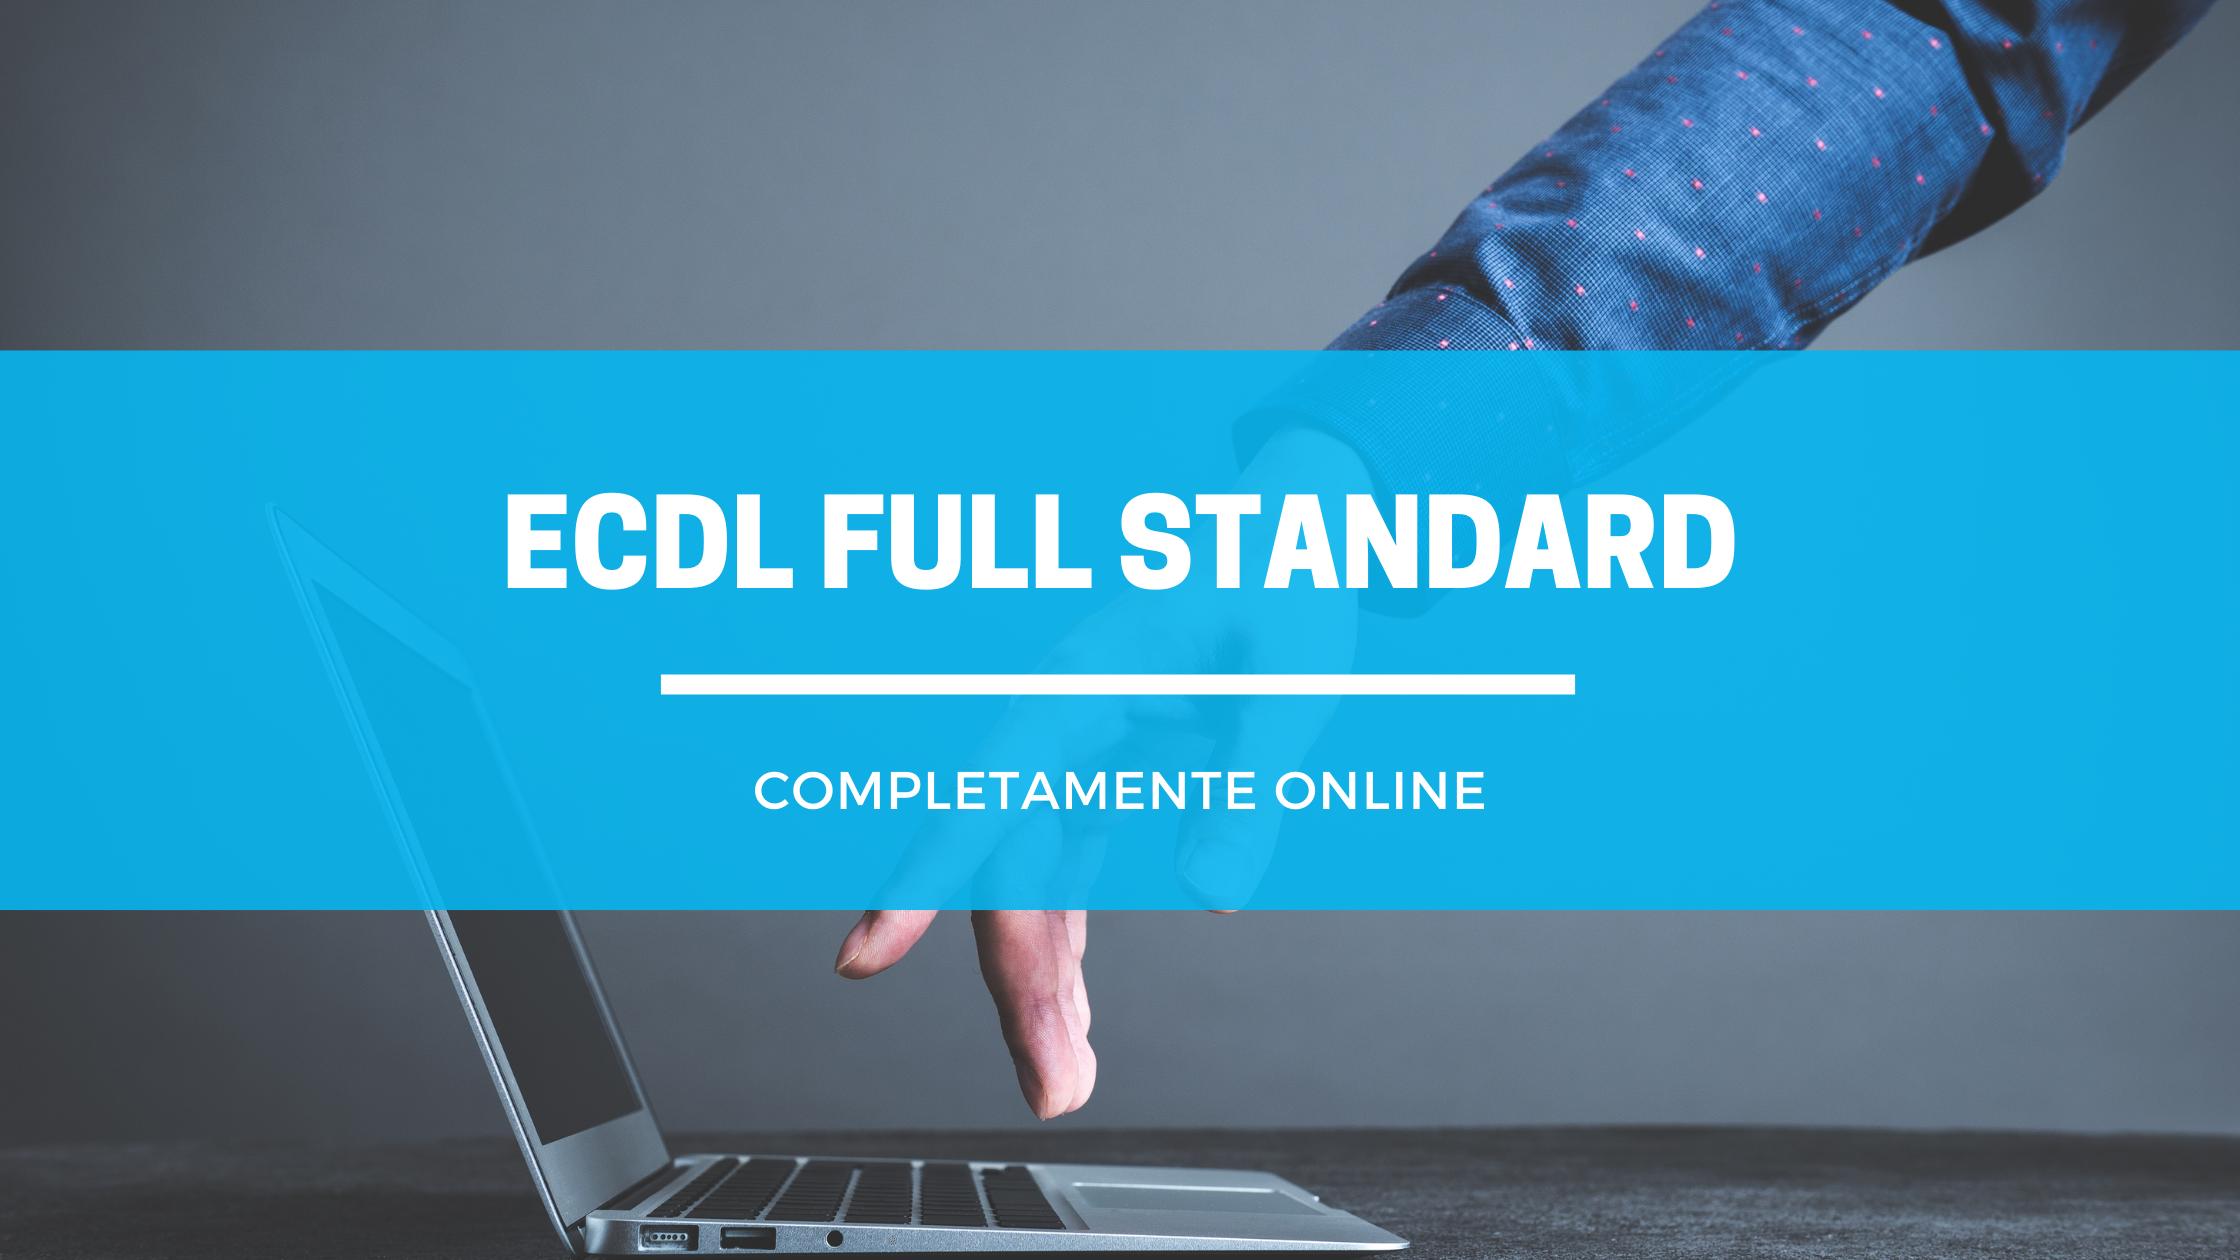 ECDL FULL STANDARD ONLINE